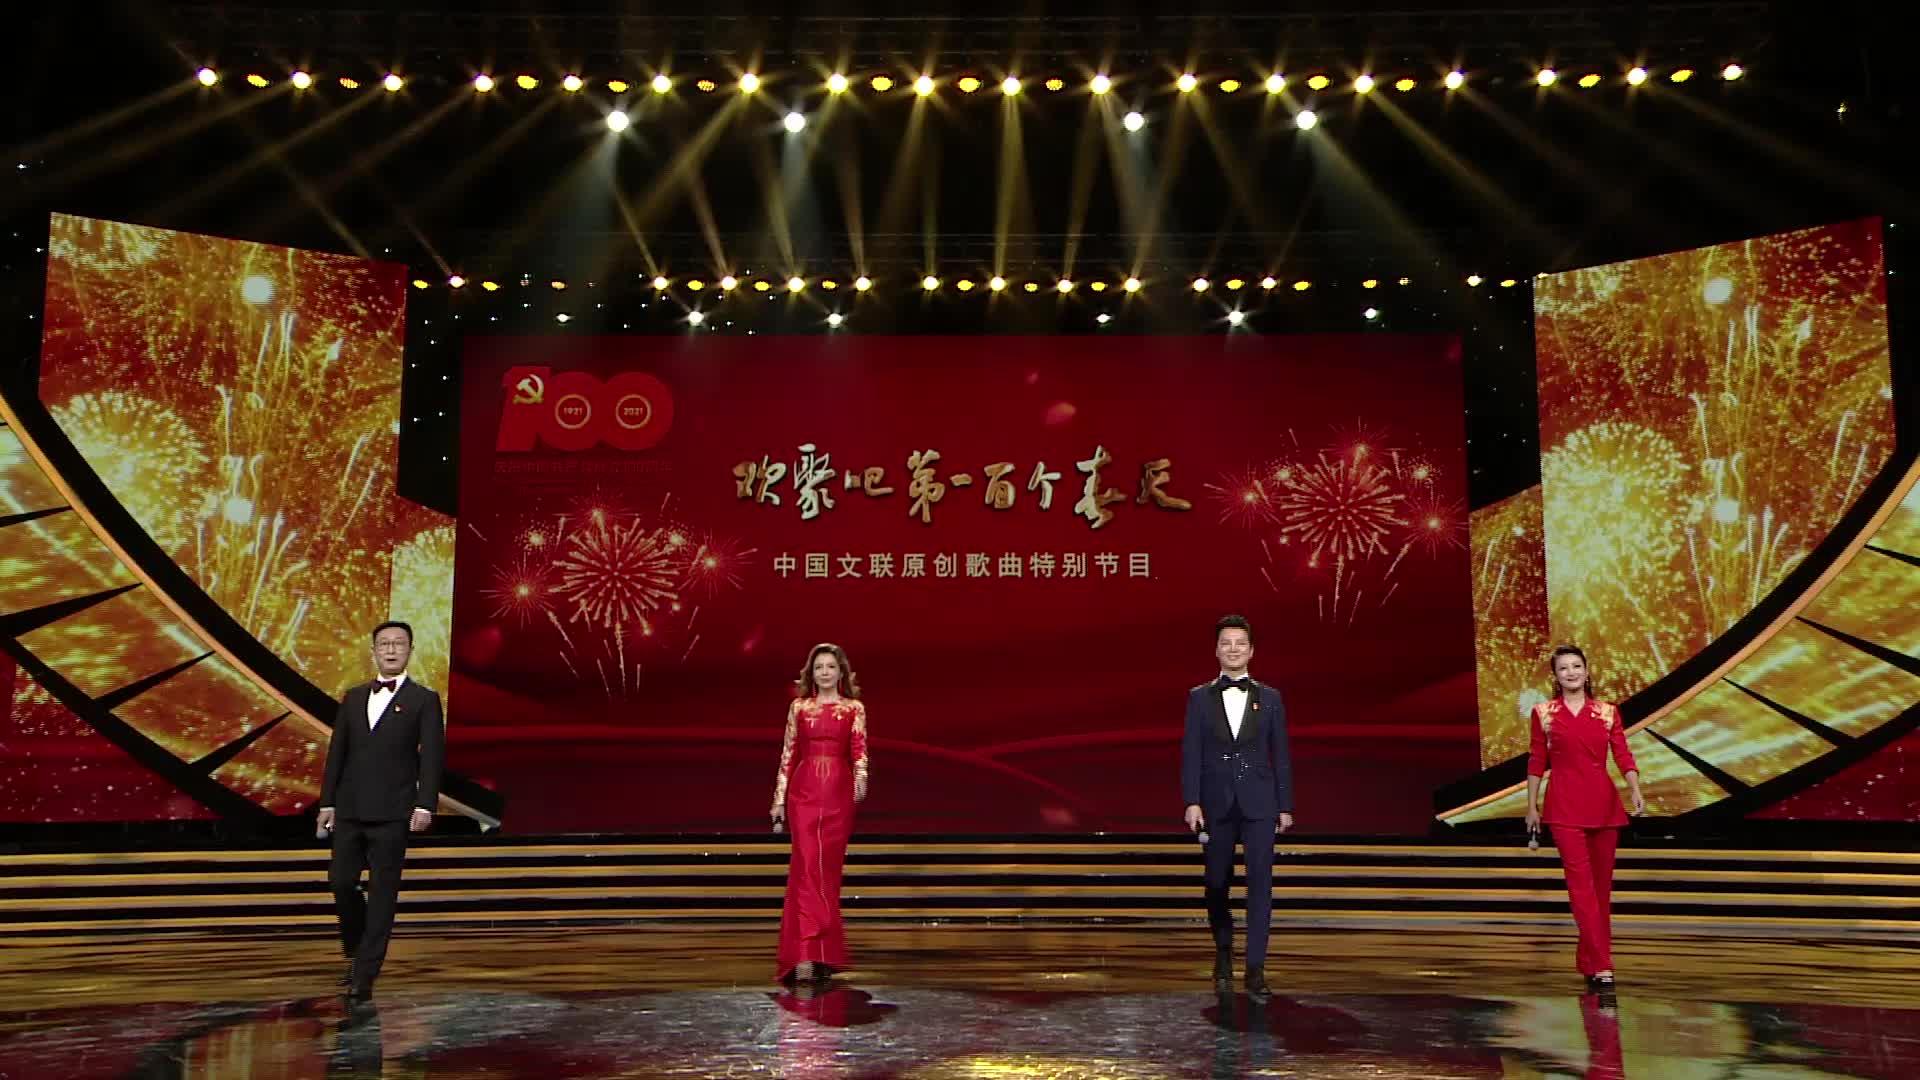 中国文联原创歌曲演唱会宣传片